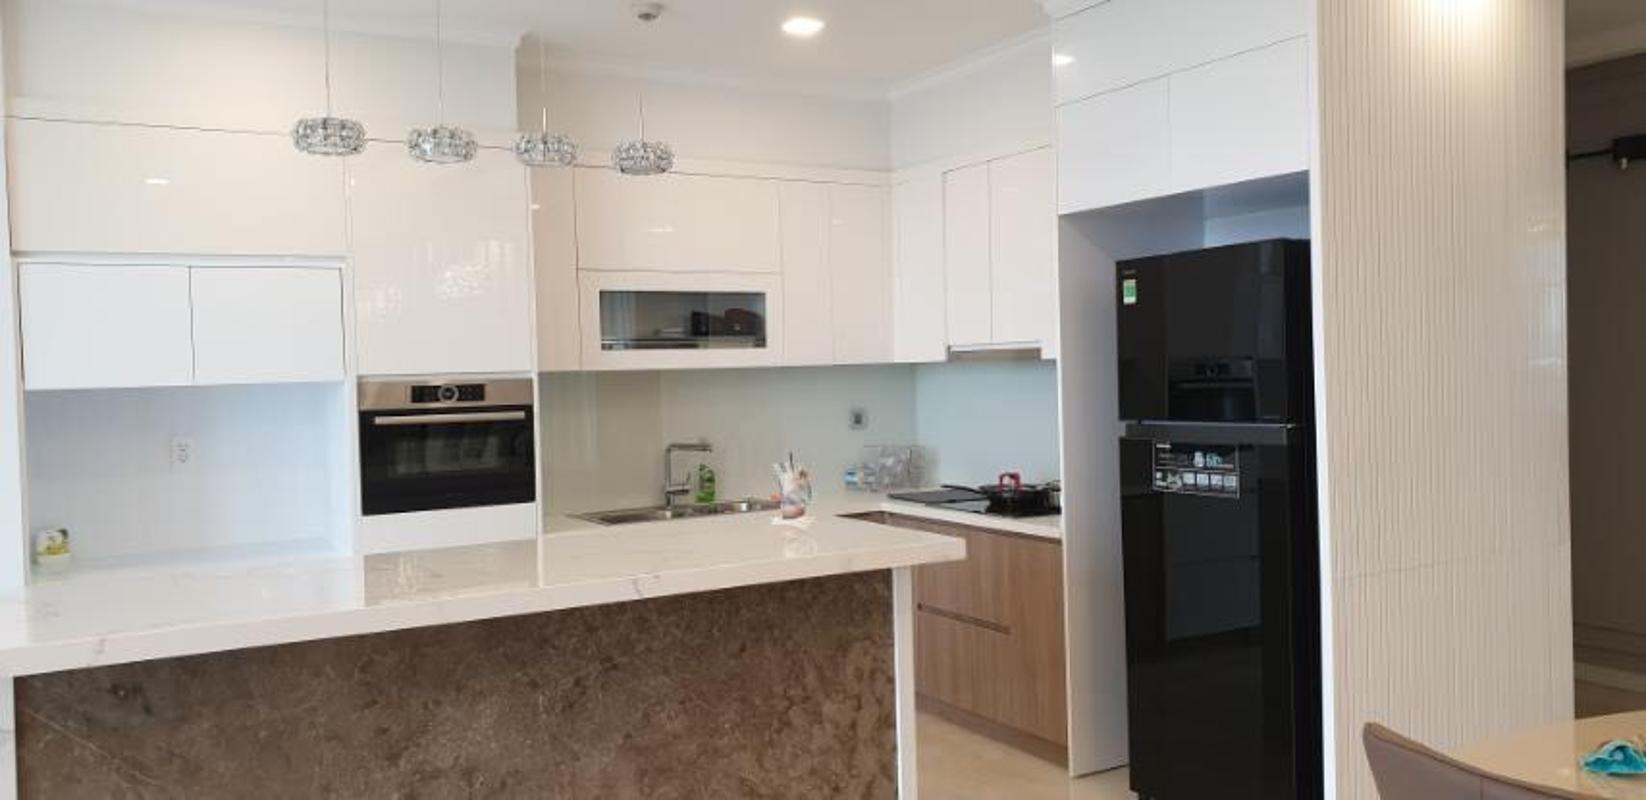 4 Cho thuê căn hộ Vinhomes Golden River 3PN, diện tích 118m2, đầy đủ nội thất, view sông thoáng mát